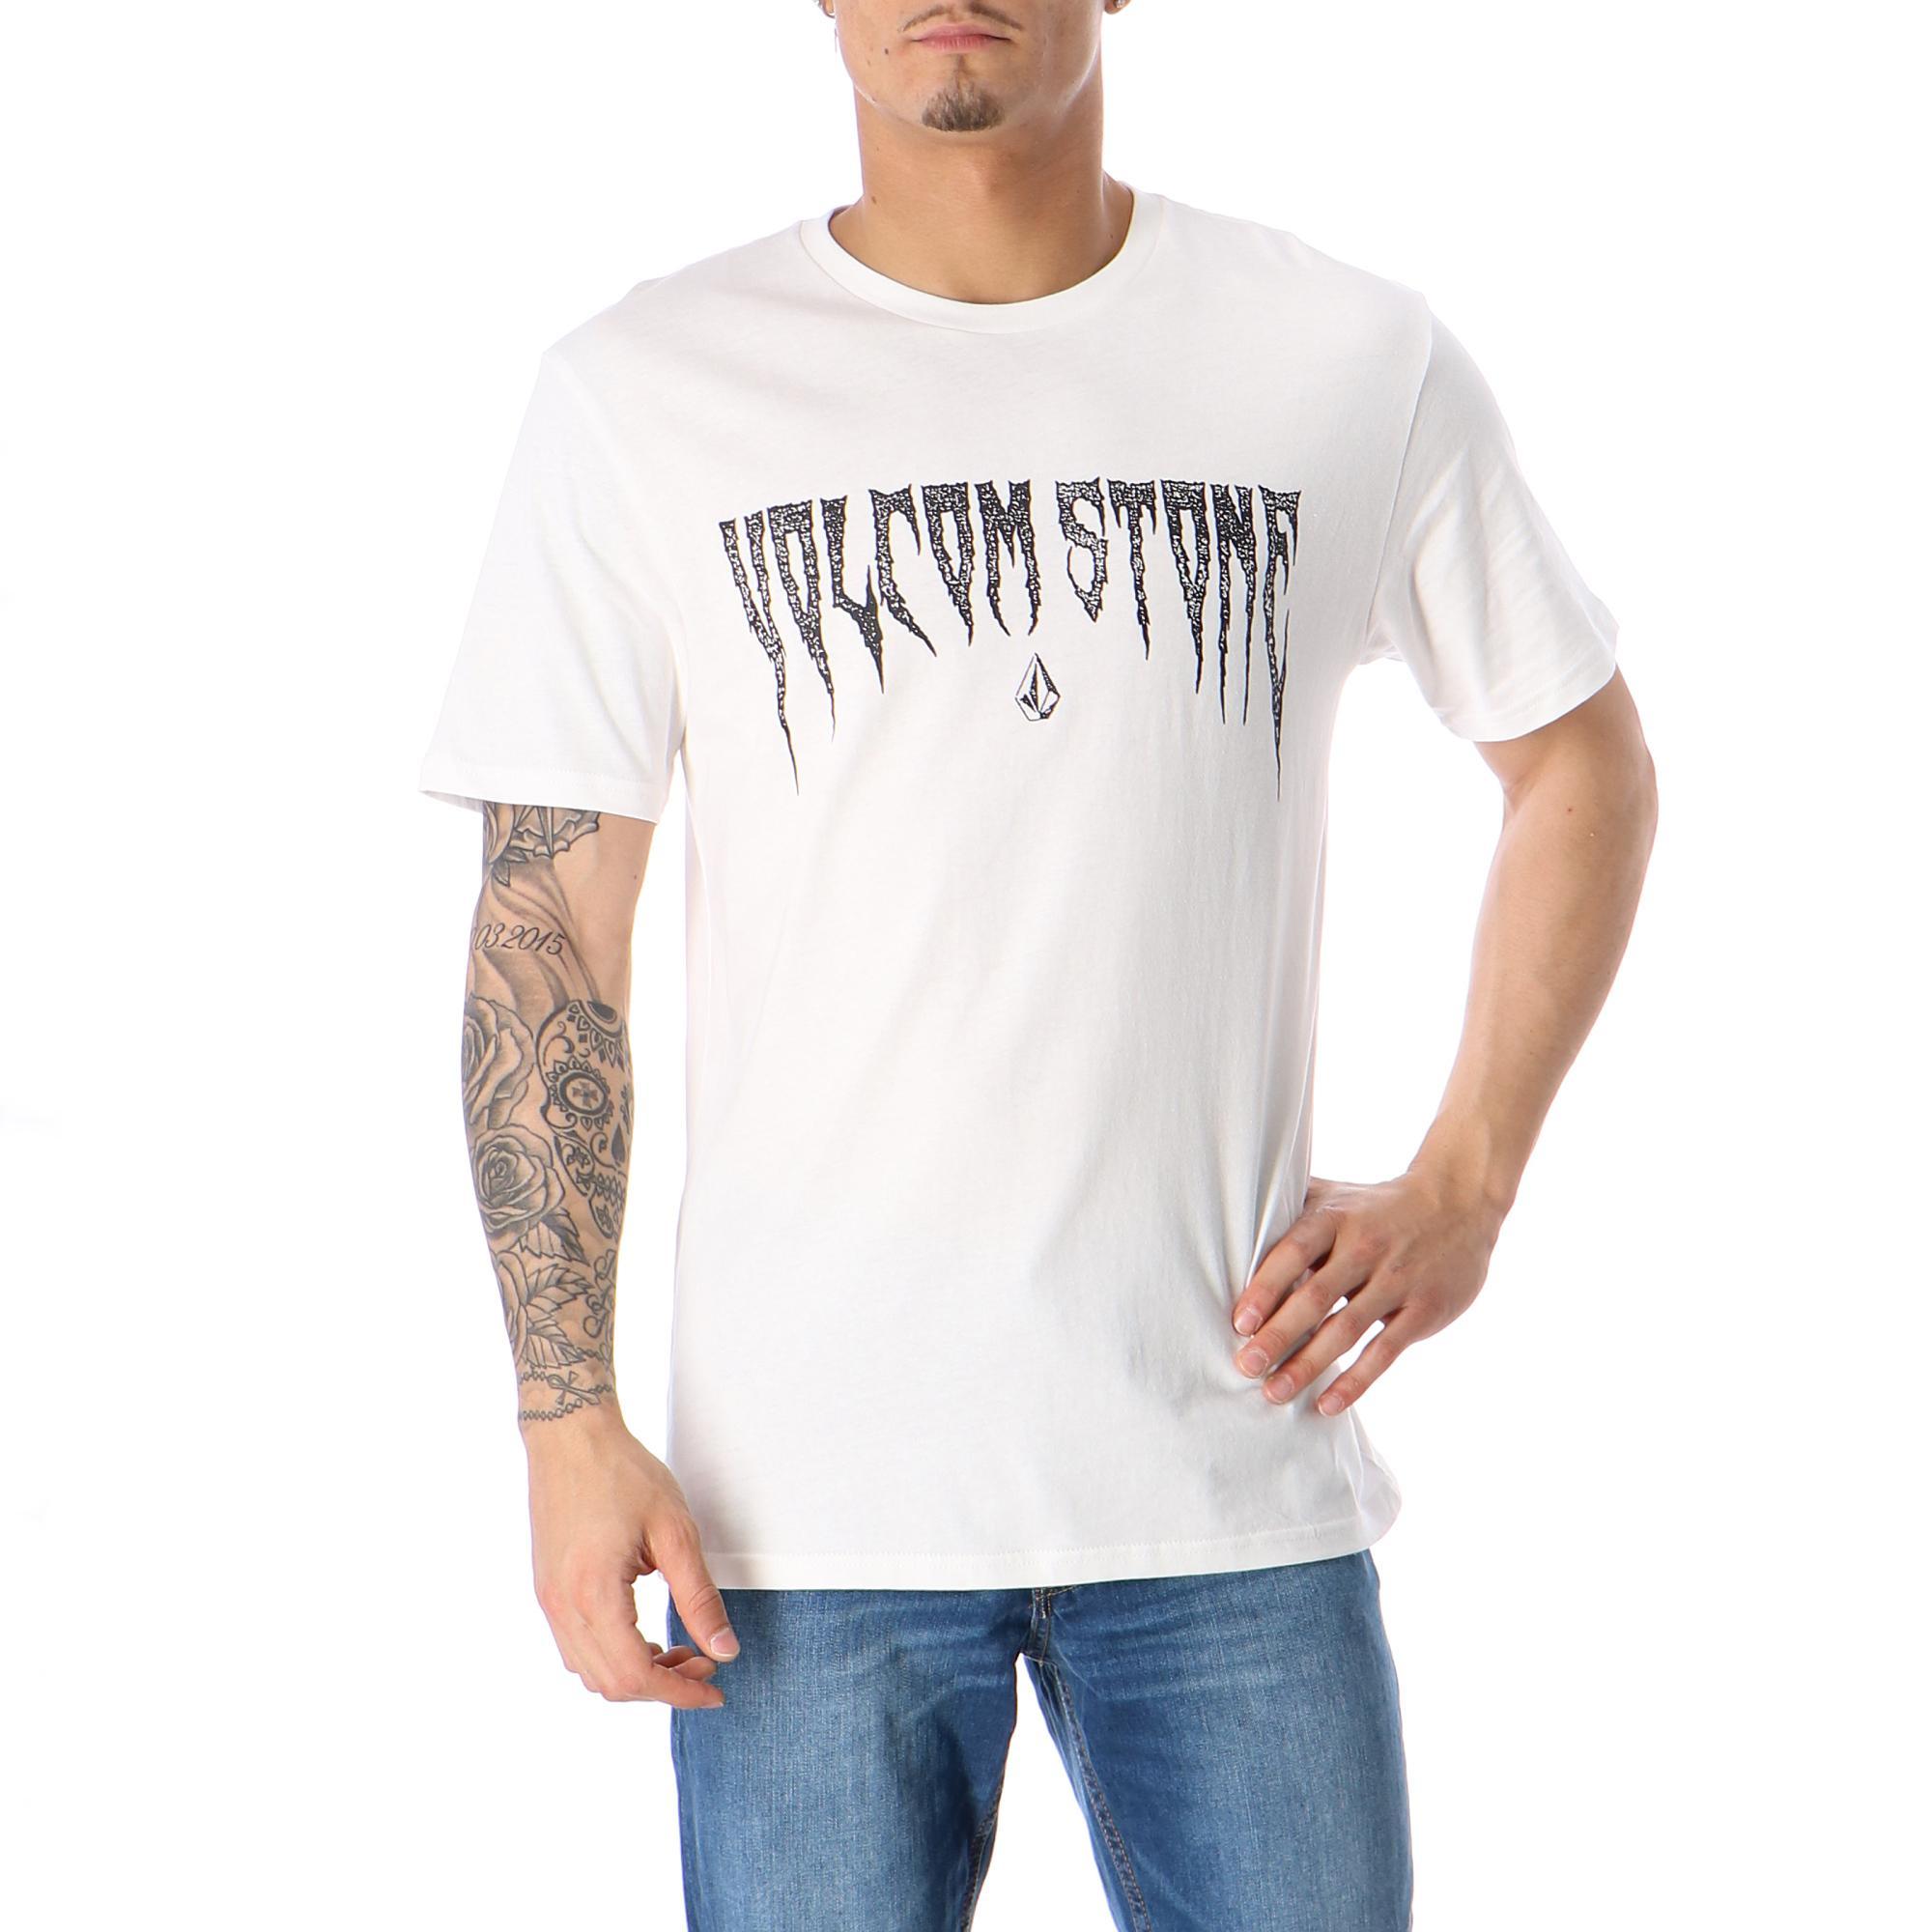 10b9e045f704 Volcom Devil Brew T-shirt White | Treesse